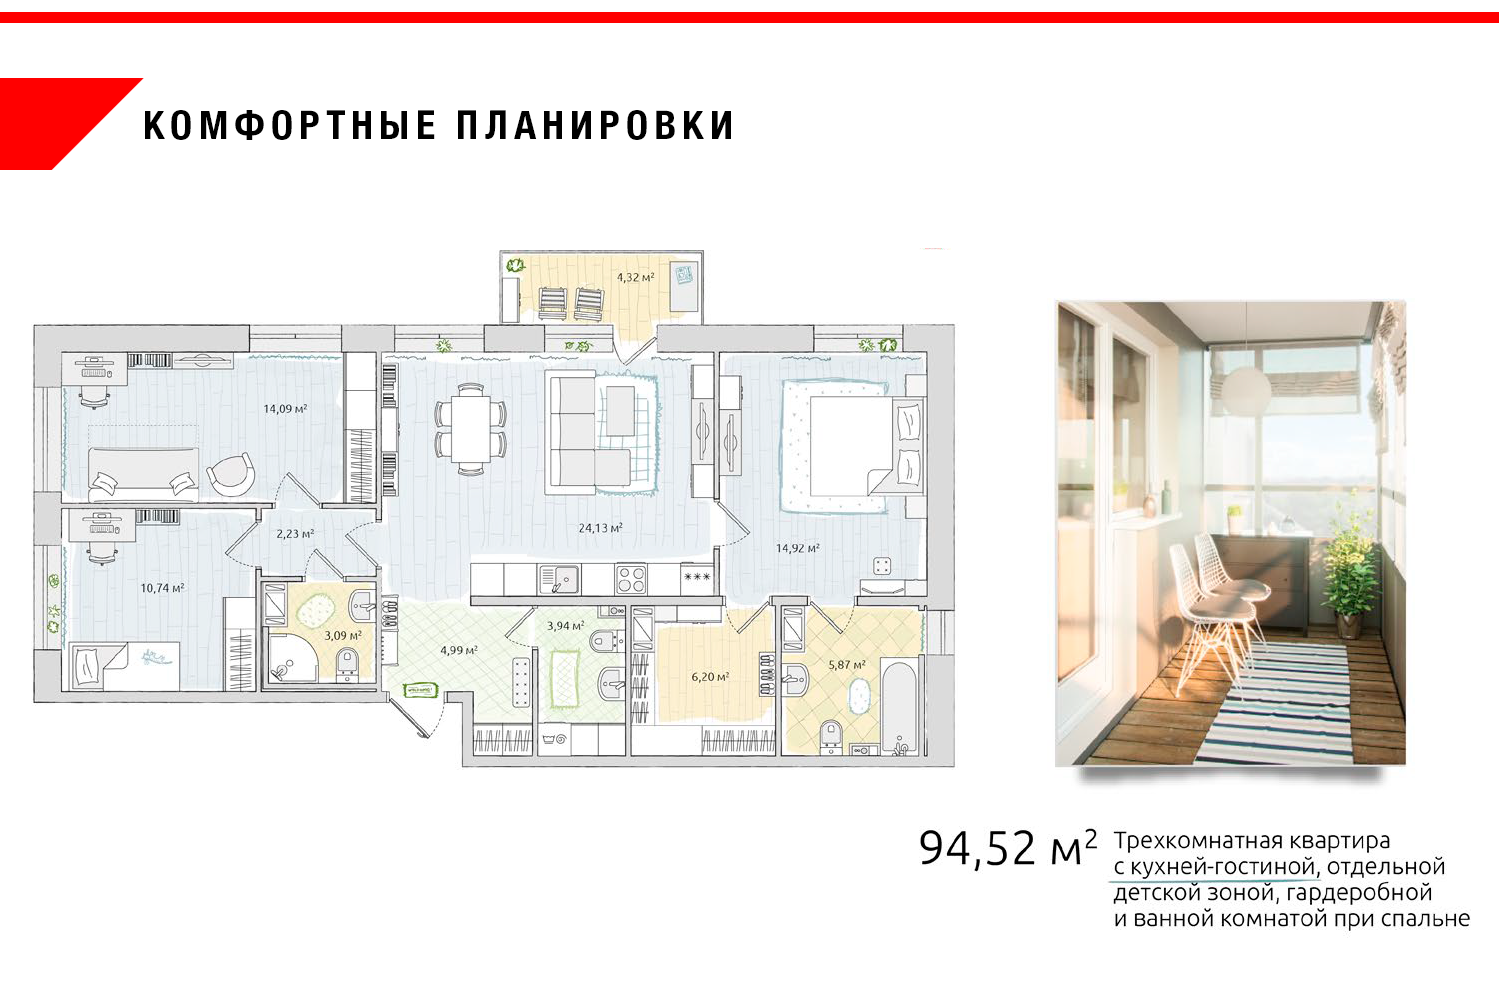 chernaya_rechka_28.png